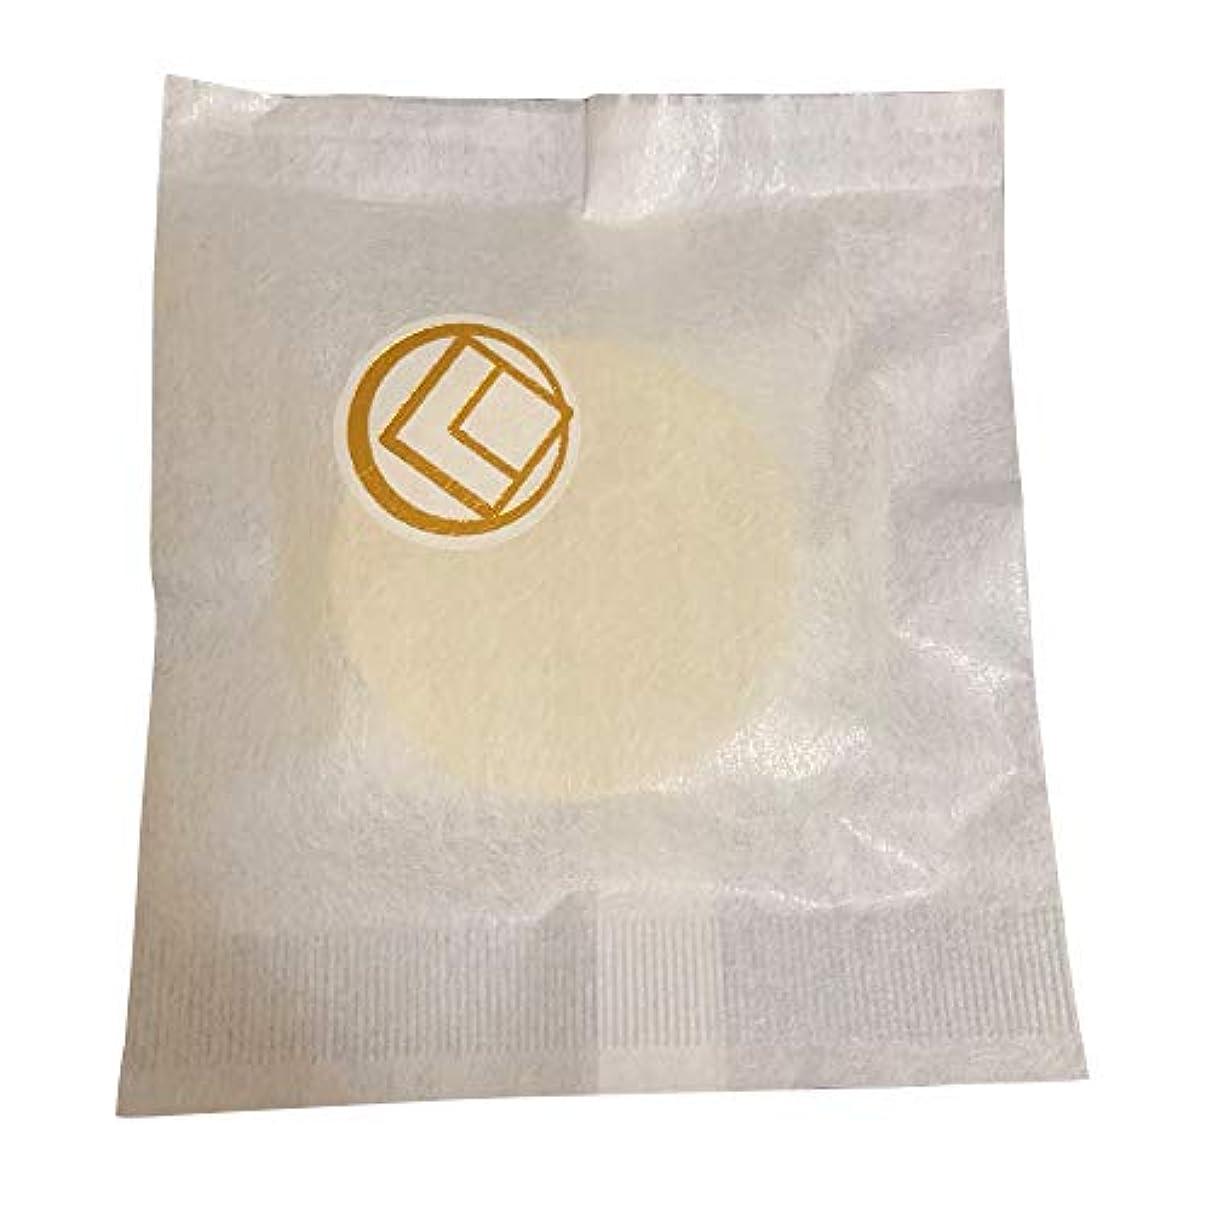 私たち十二どうやら【肌断食専用】美塩(うつくしお)メイク落とし石鹸